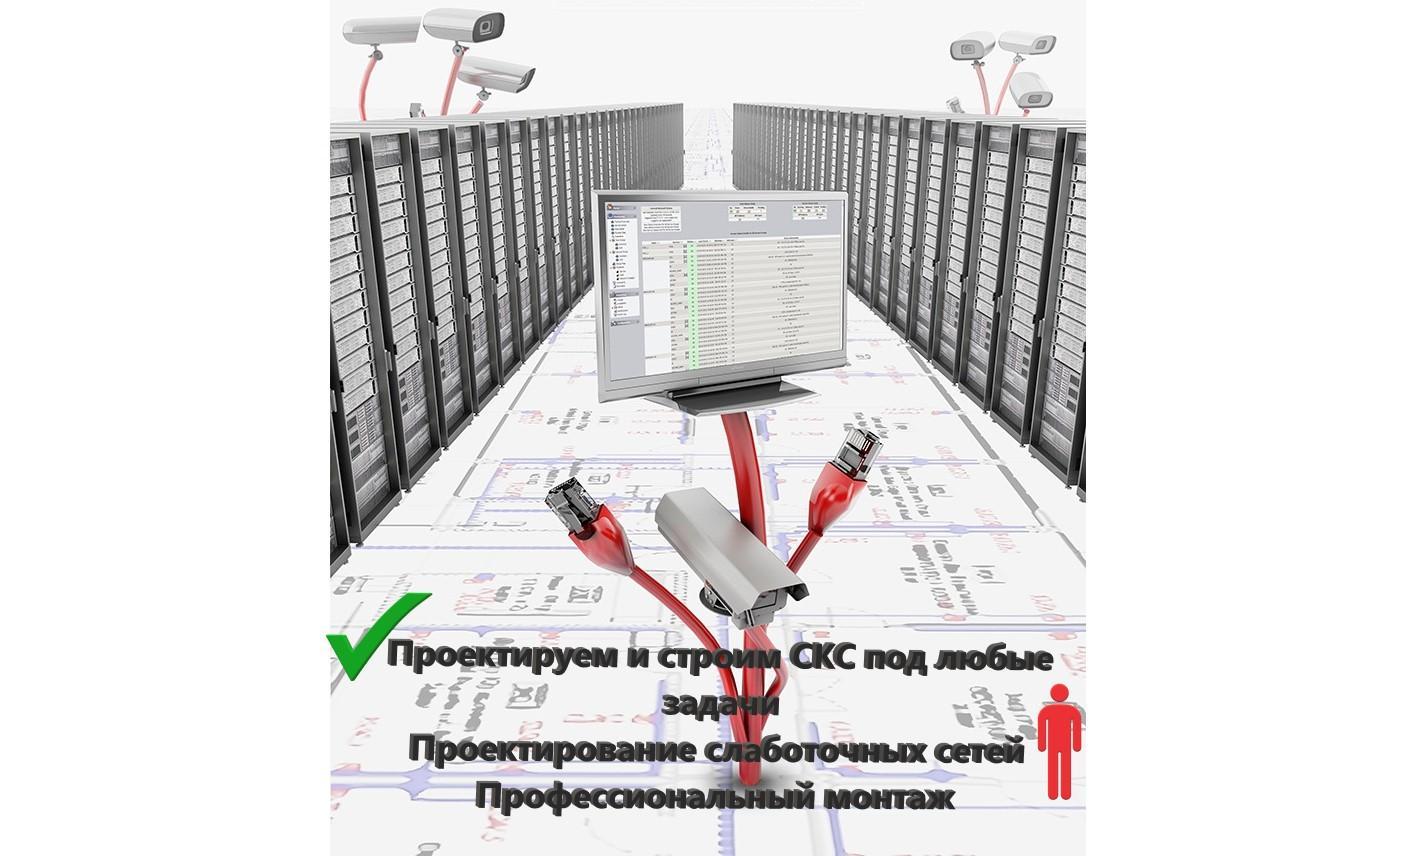 Монтаж СКС компьютерных сетей,видео наблюденияСкуд в Москве 89679678376 купить 1